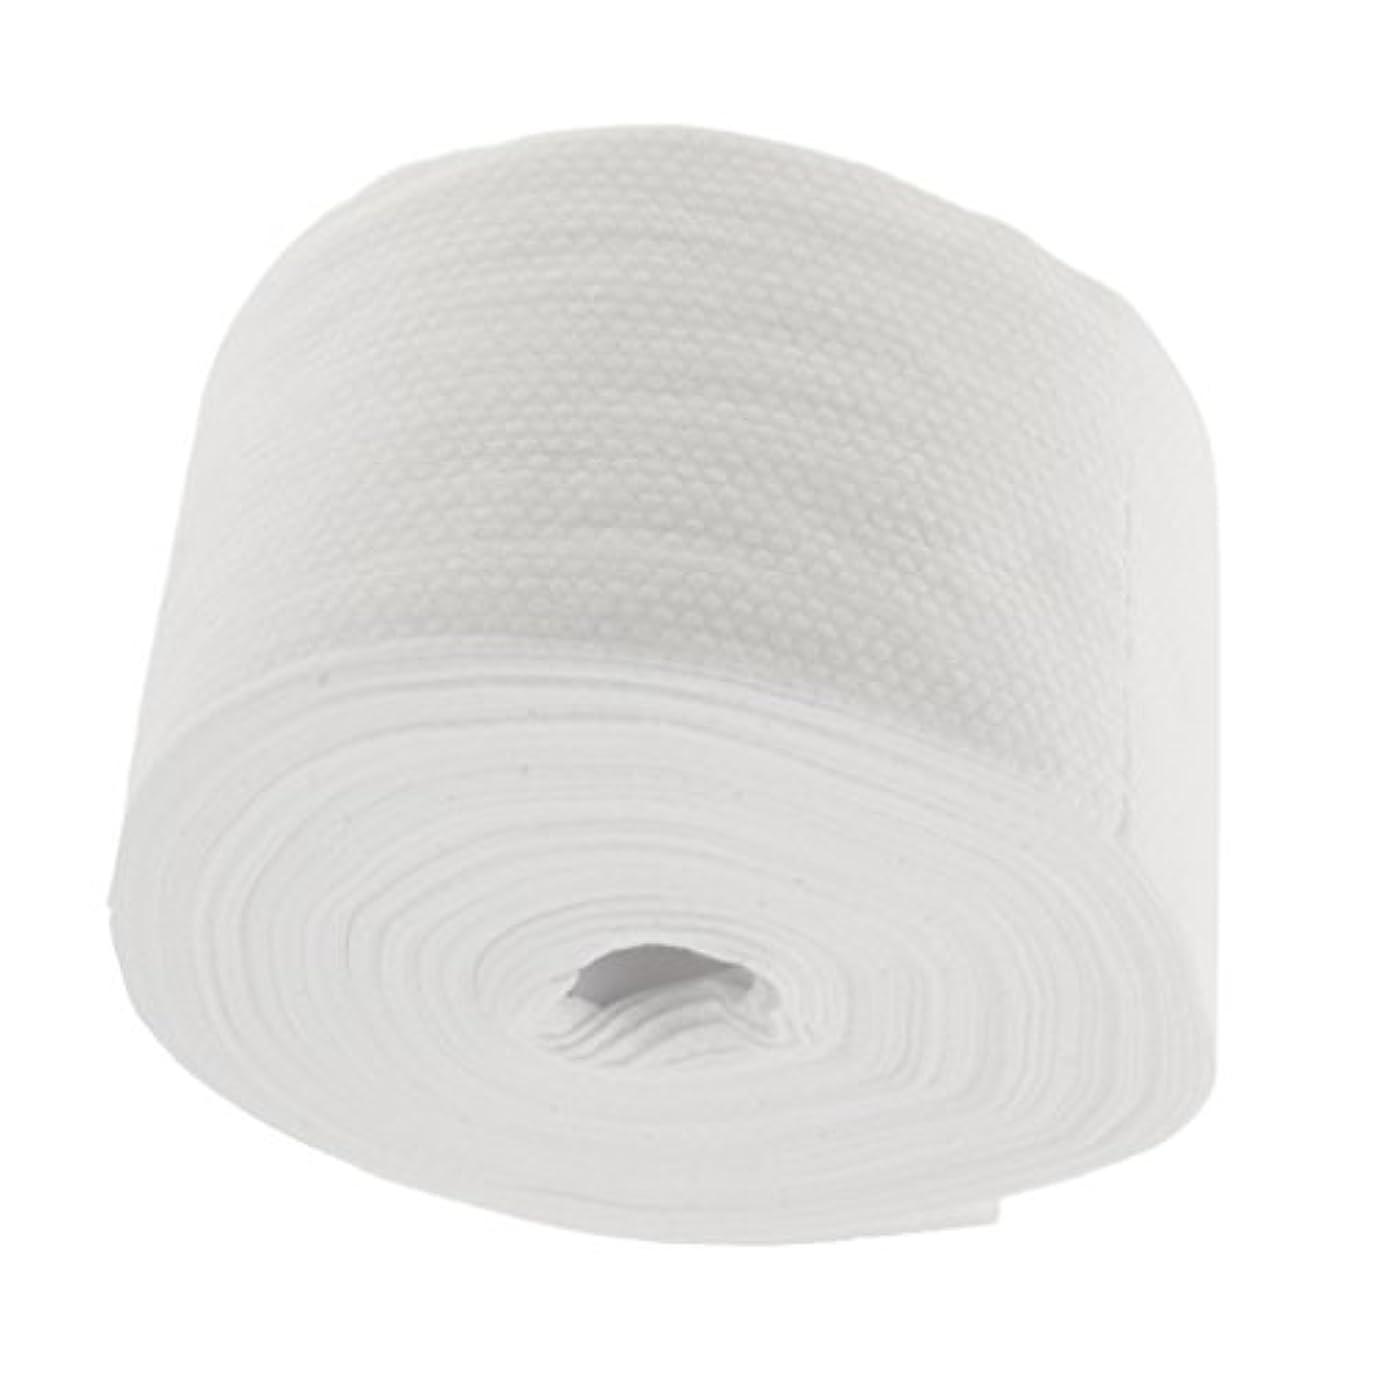 火山飢え踏みつけロール式 使い捨て 洗顔タオル 使い捨てタオル 30M コットン 繊維 メイクリムーバー 快適 - #2